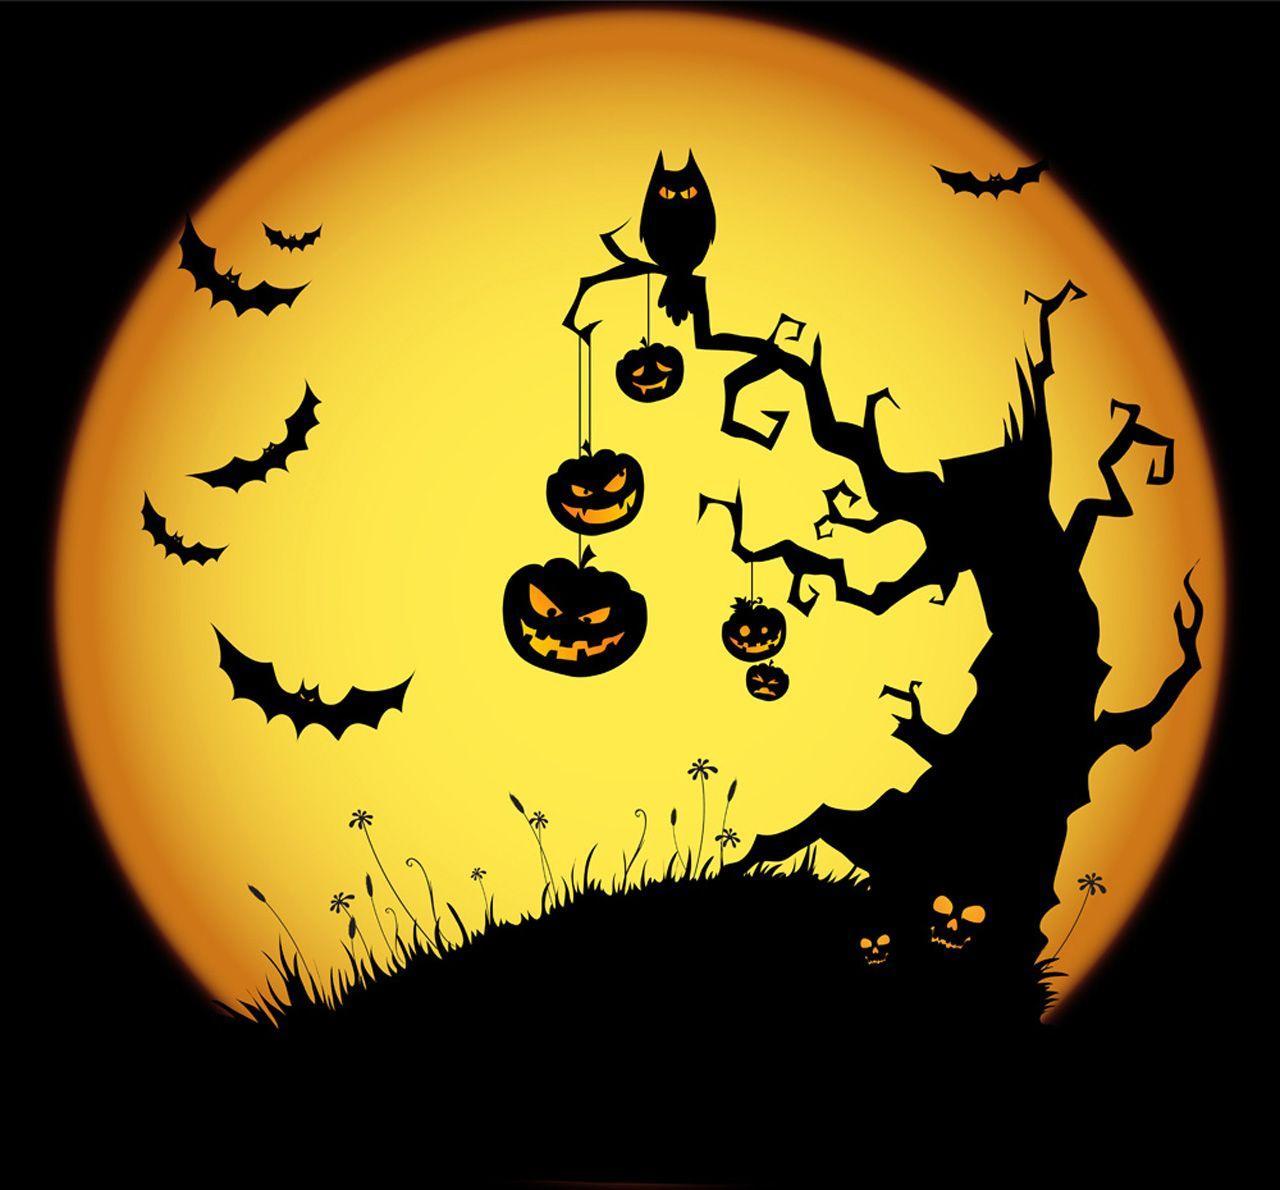 Halloween Wallpapers - Wallpaper Cave